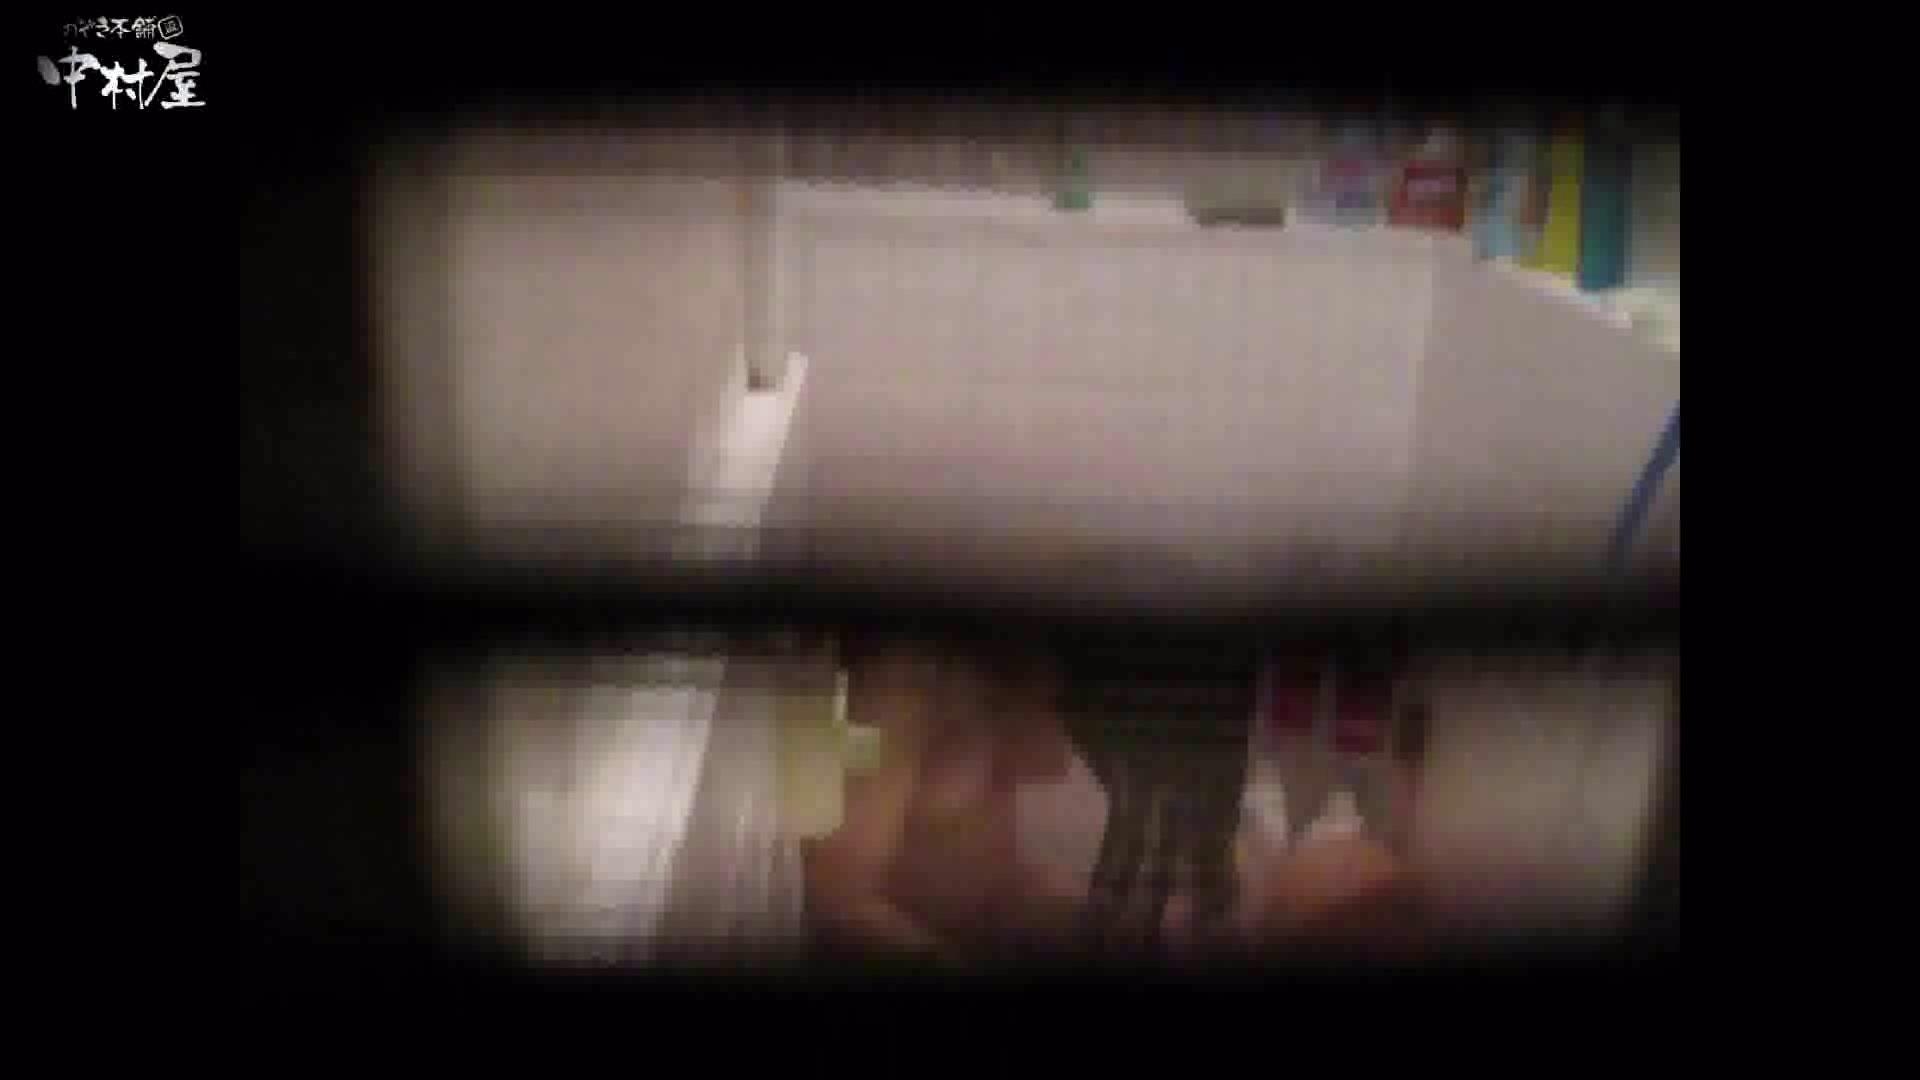 民家風呂専門盗撮師の超危険映像 vol.017 美少女エロ画像   股間満開  93PICs 85